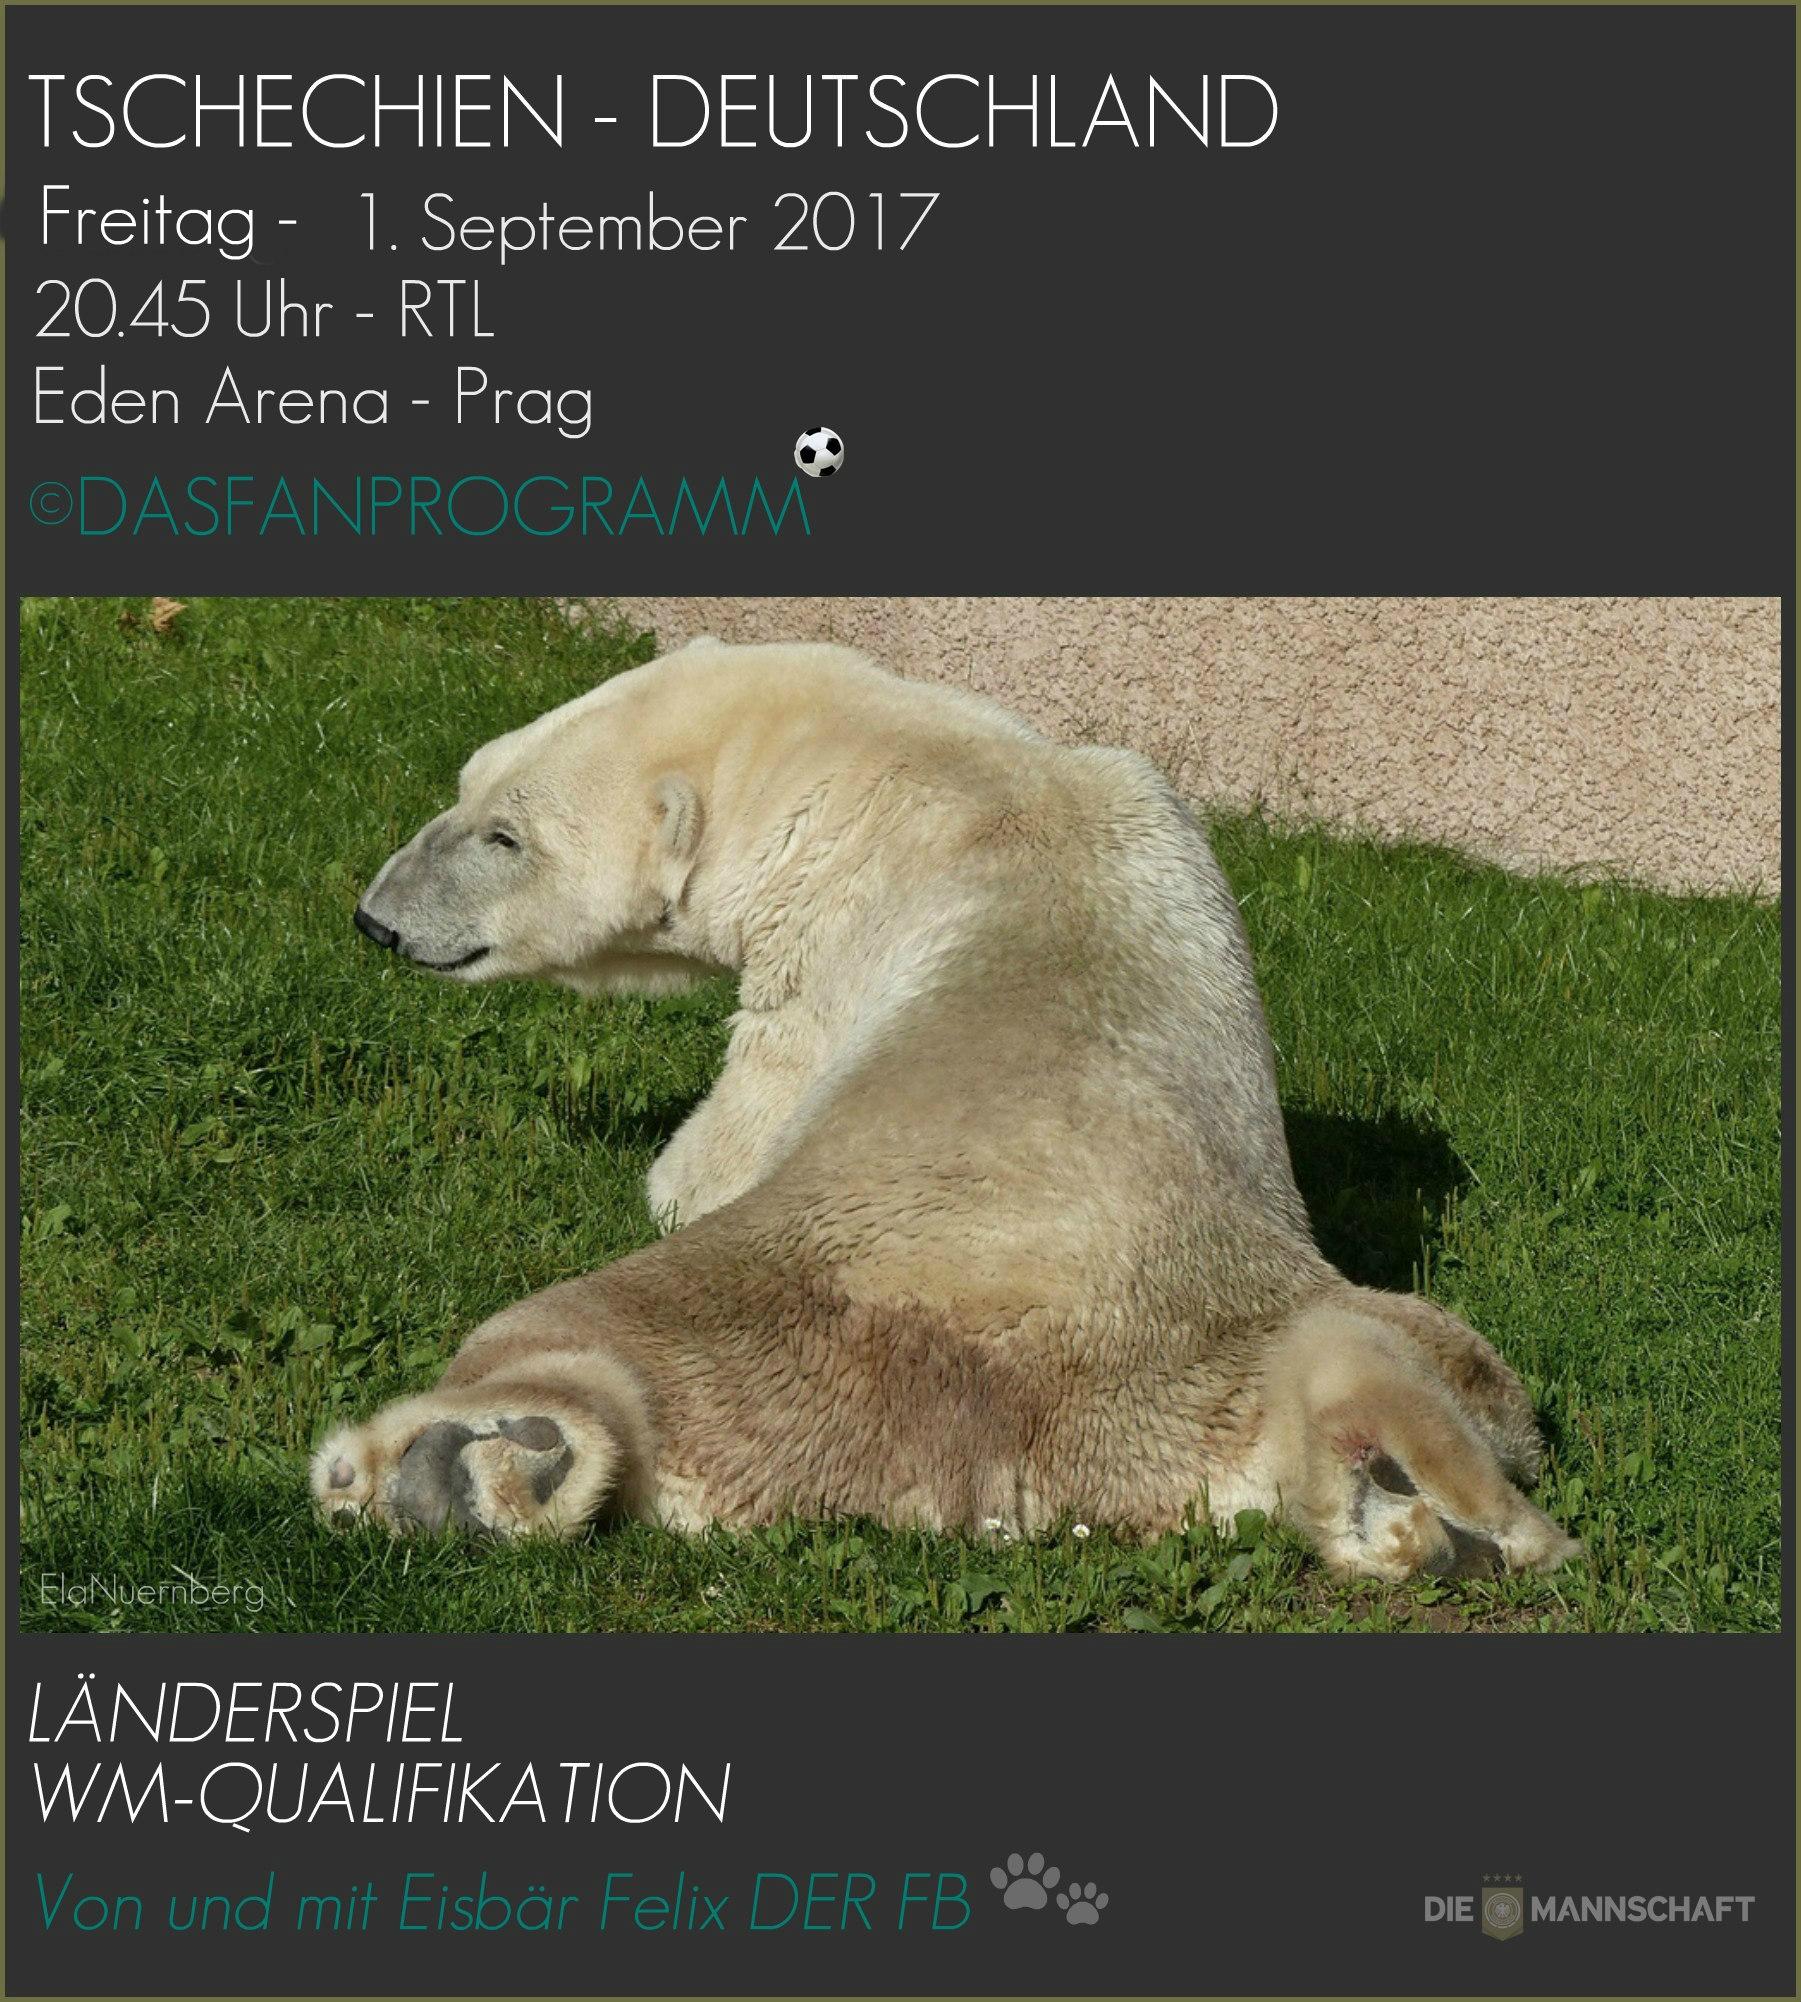 DER FanBeauftragte - FB Felix - Tschechien - Deutschland - 01.09.2017 -